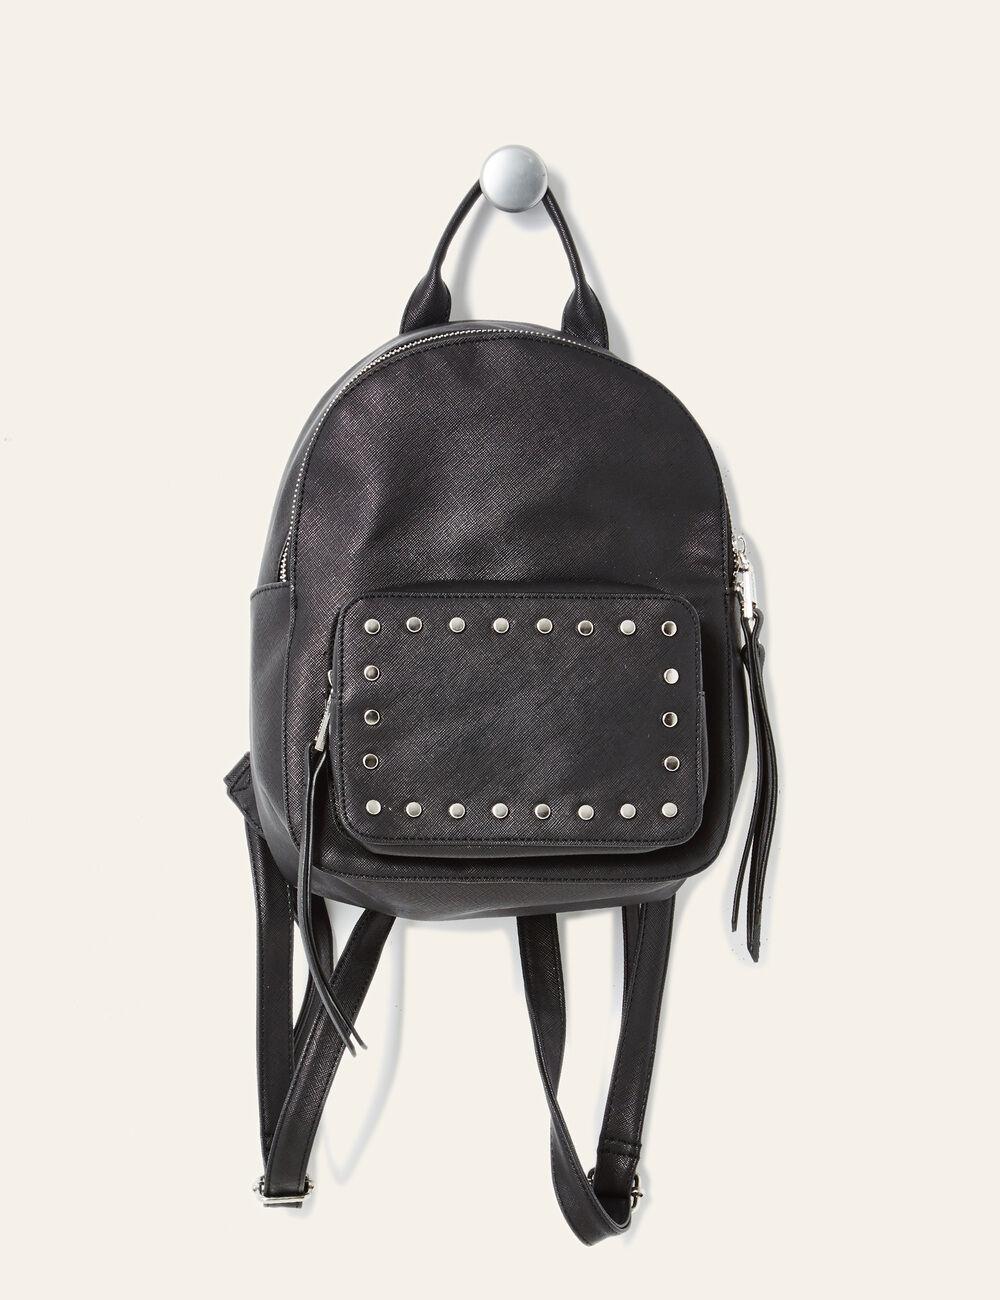 petit sac dos clout noir femme jennyfer. Black Bedroom Furniture Sets. Home Design Ideas